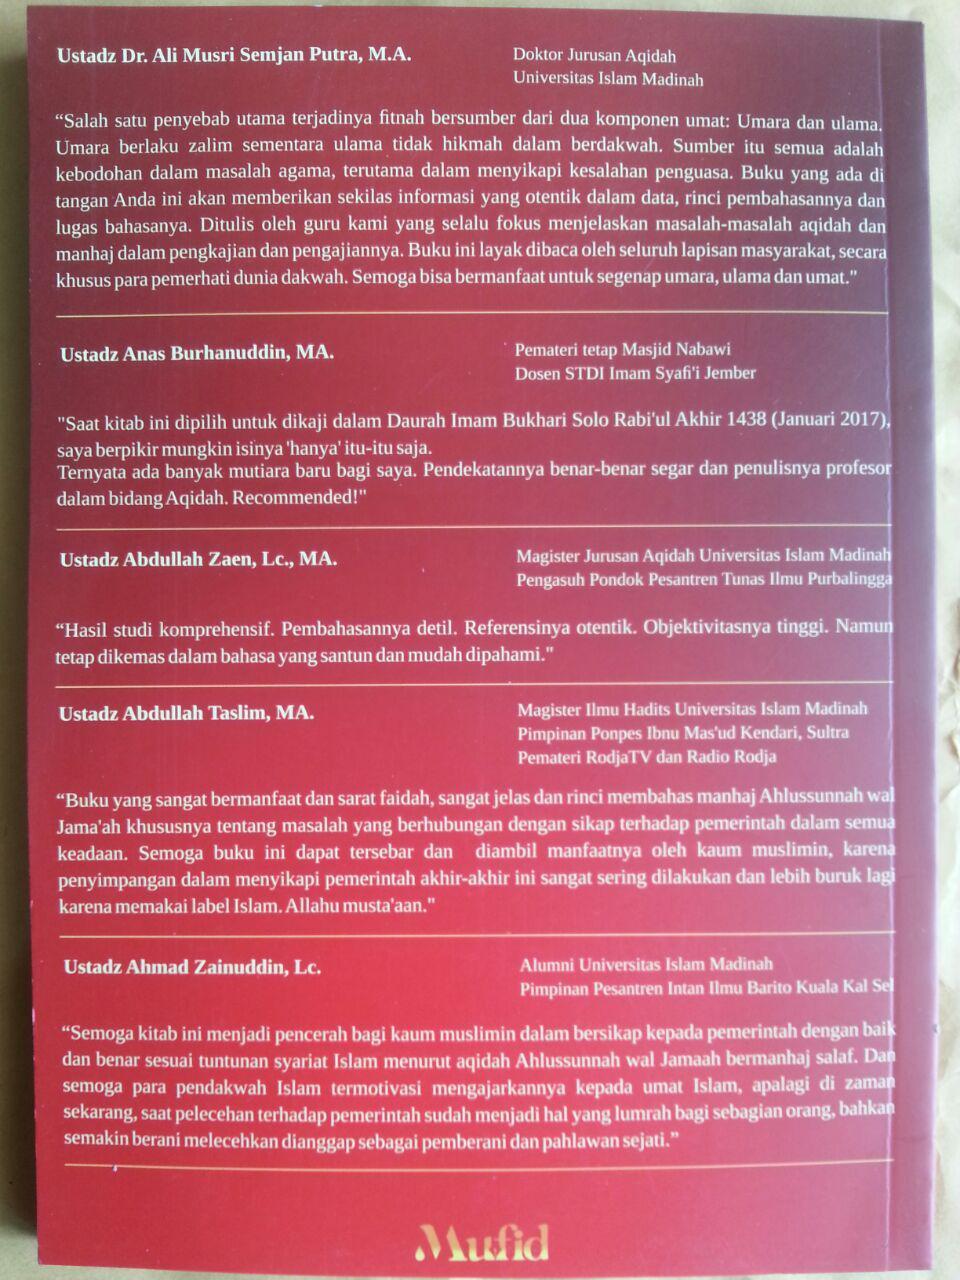 Buku Tindak Tanduk Penguasa Dan Hukum Syariat Rakyat Menghadapinya cover